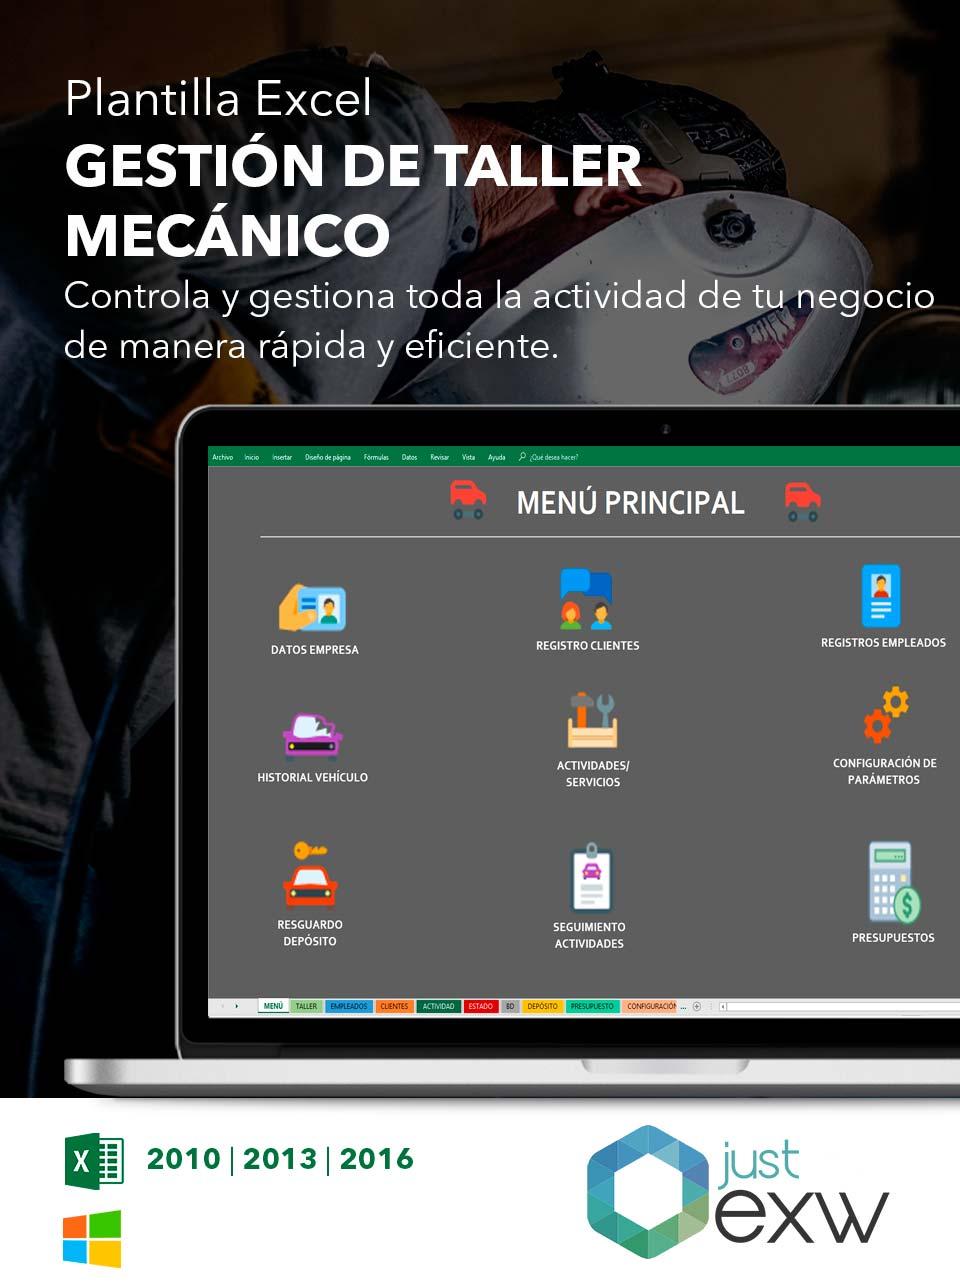 Plantilla de Gestión de taller mecánico en Excel | Plantilla para ...